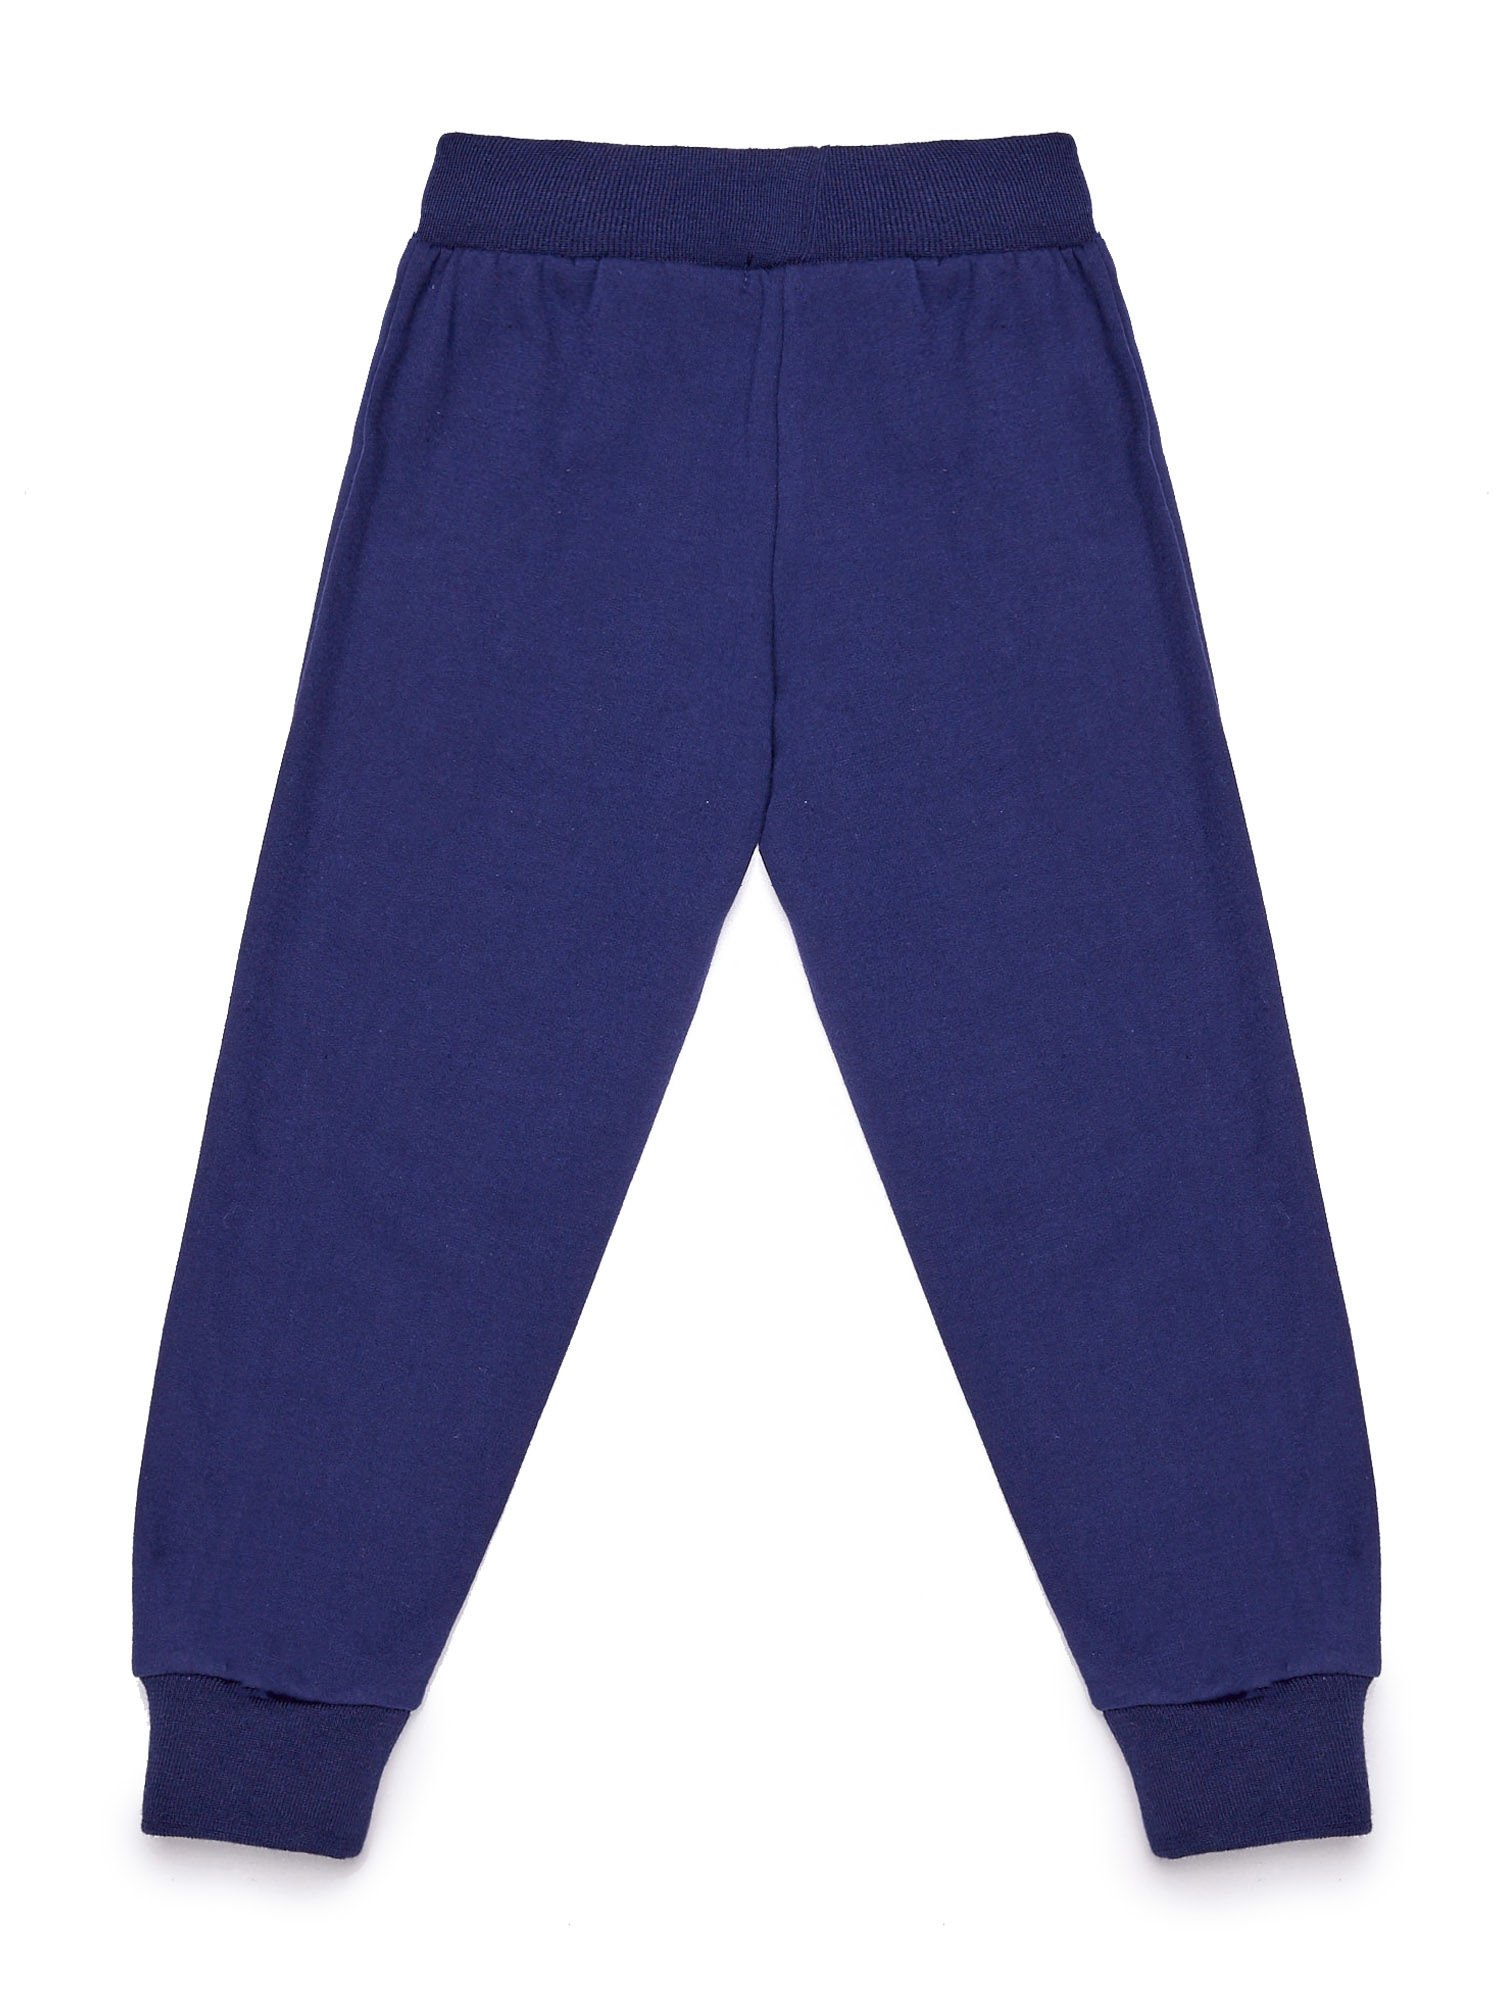 Granatowe chłopięce spodnie dresowe z napisem moro